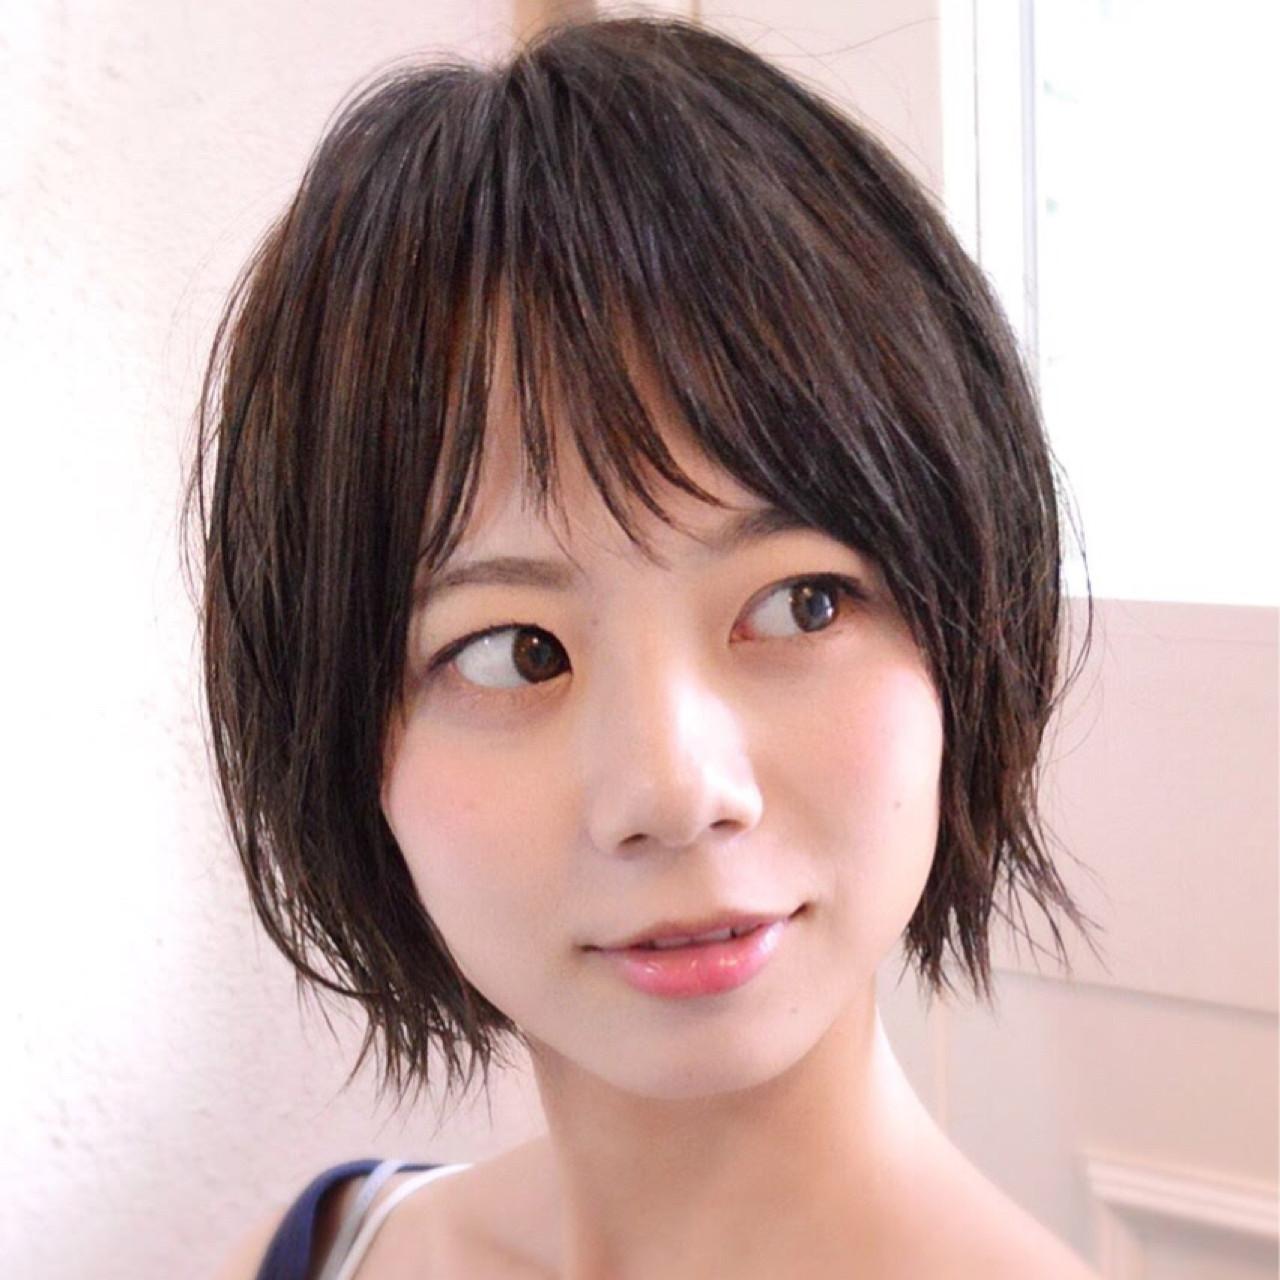 大人女子 ゆるふわ ショート 外ハネ ヘアスタイルや髪型の写真・画像 | Natsuya【ショートヘア得意なサロン】 / NATSUYA【ショートヘア高支持率】